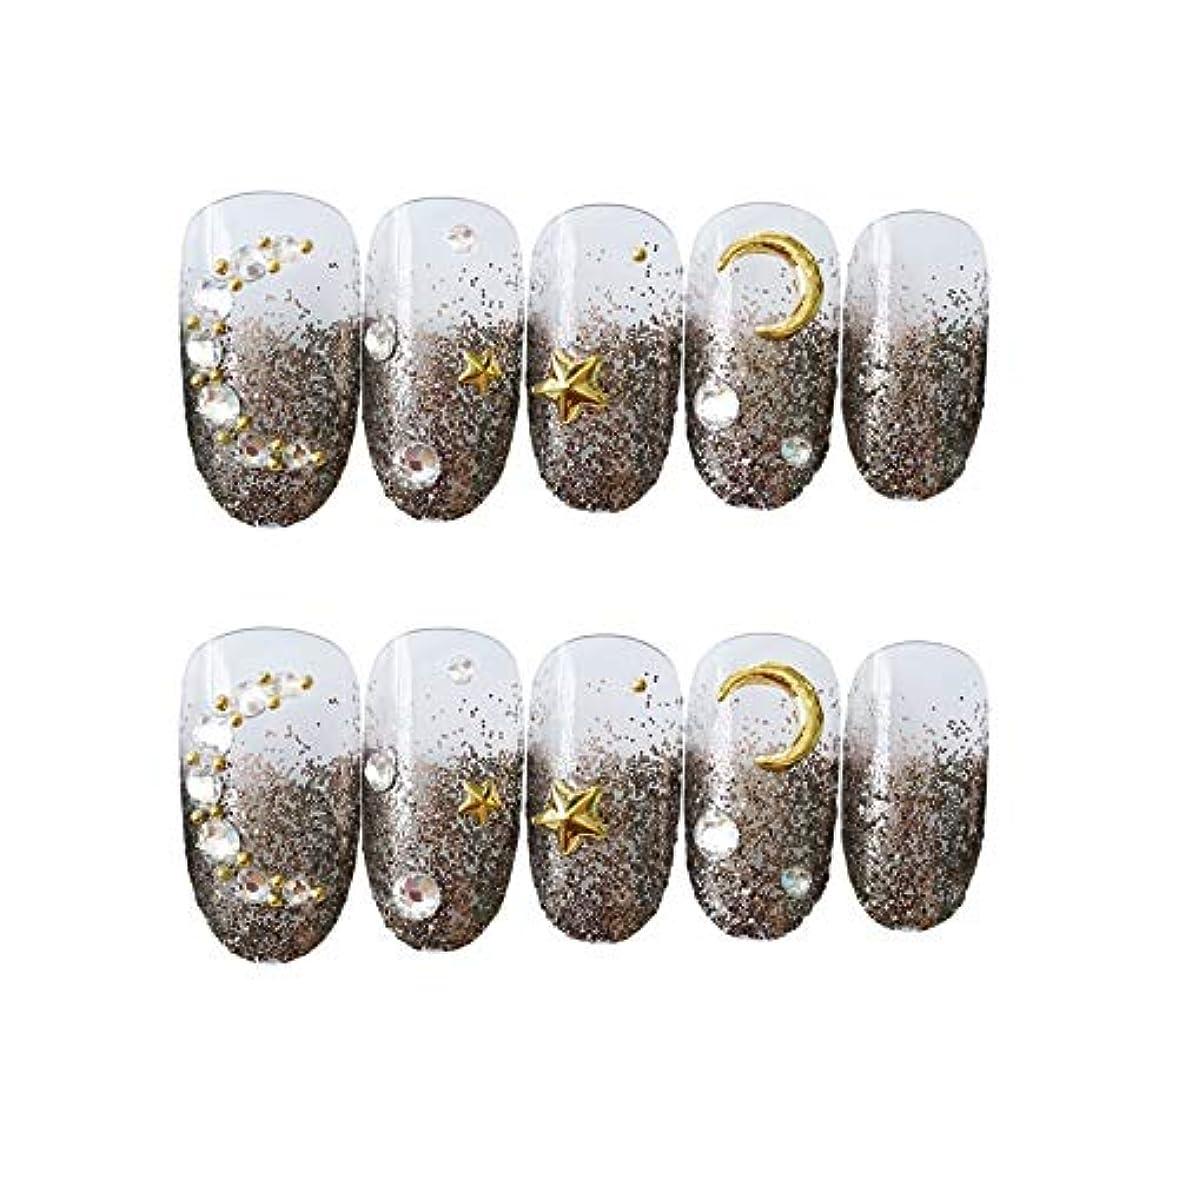 薄い減少ありがたいNANNAN ネイルチップ 3D ネイルチップ 綺麗な飾り付け 24枚入 原宿 和風 夢幻 和装 手作りネイルチップ 結婚式ネイルチップ